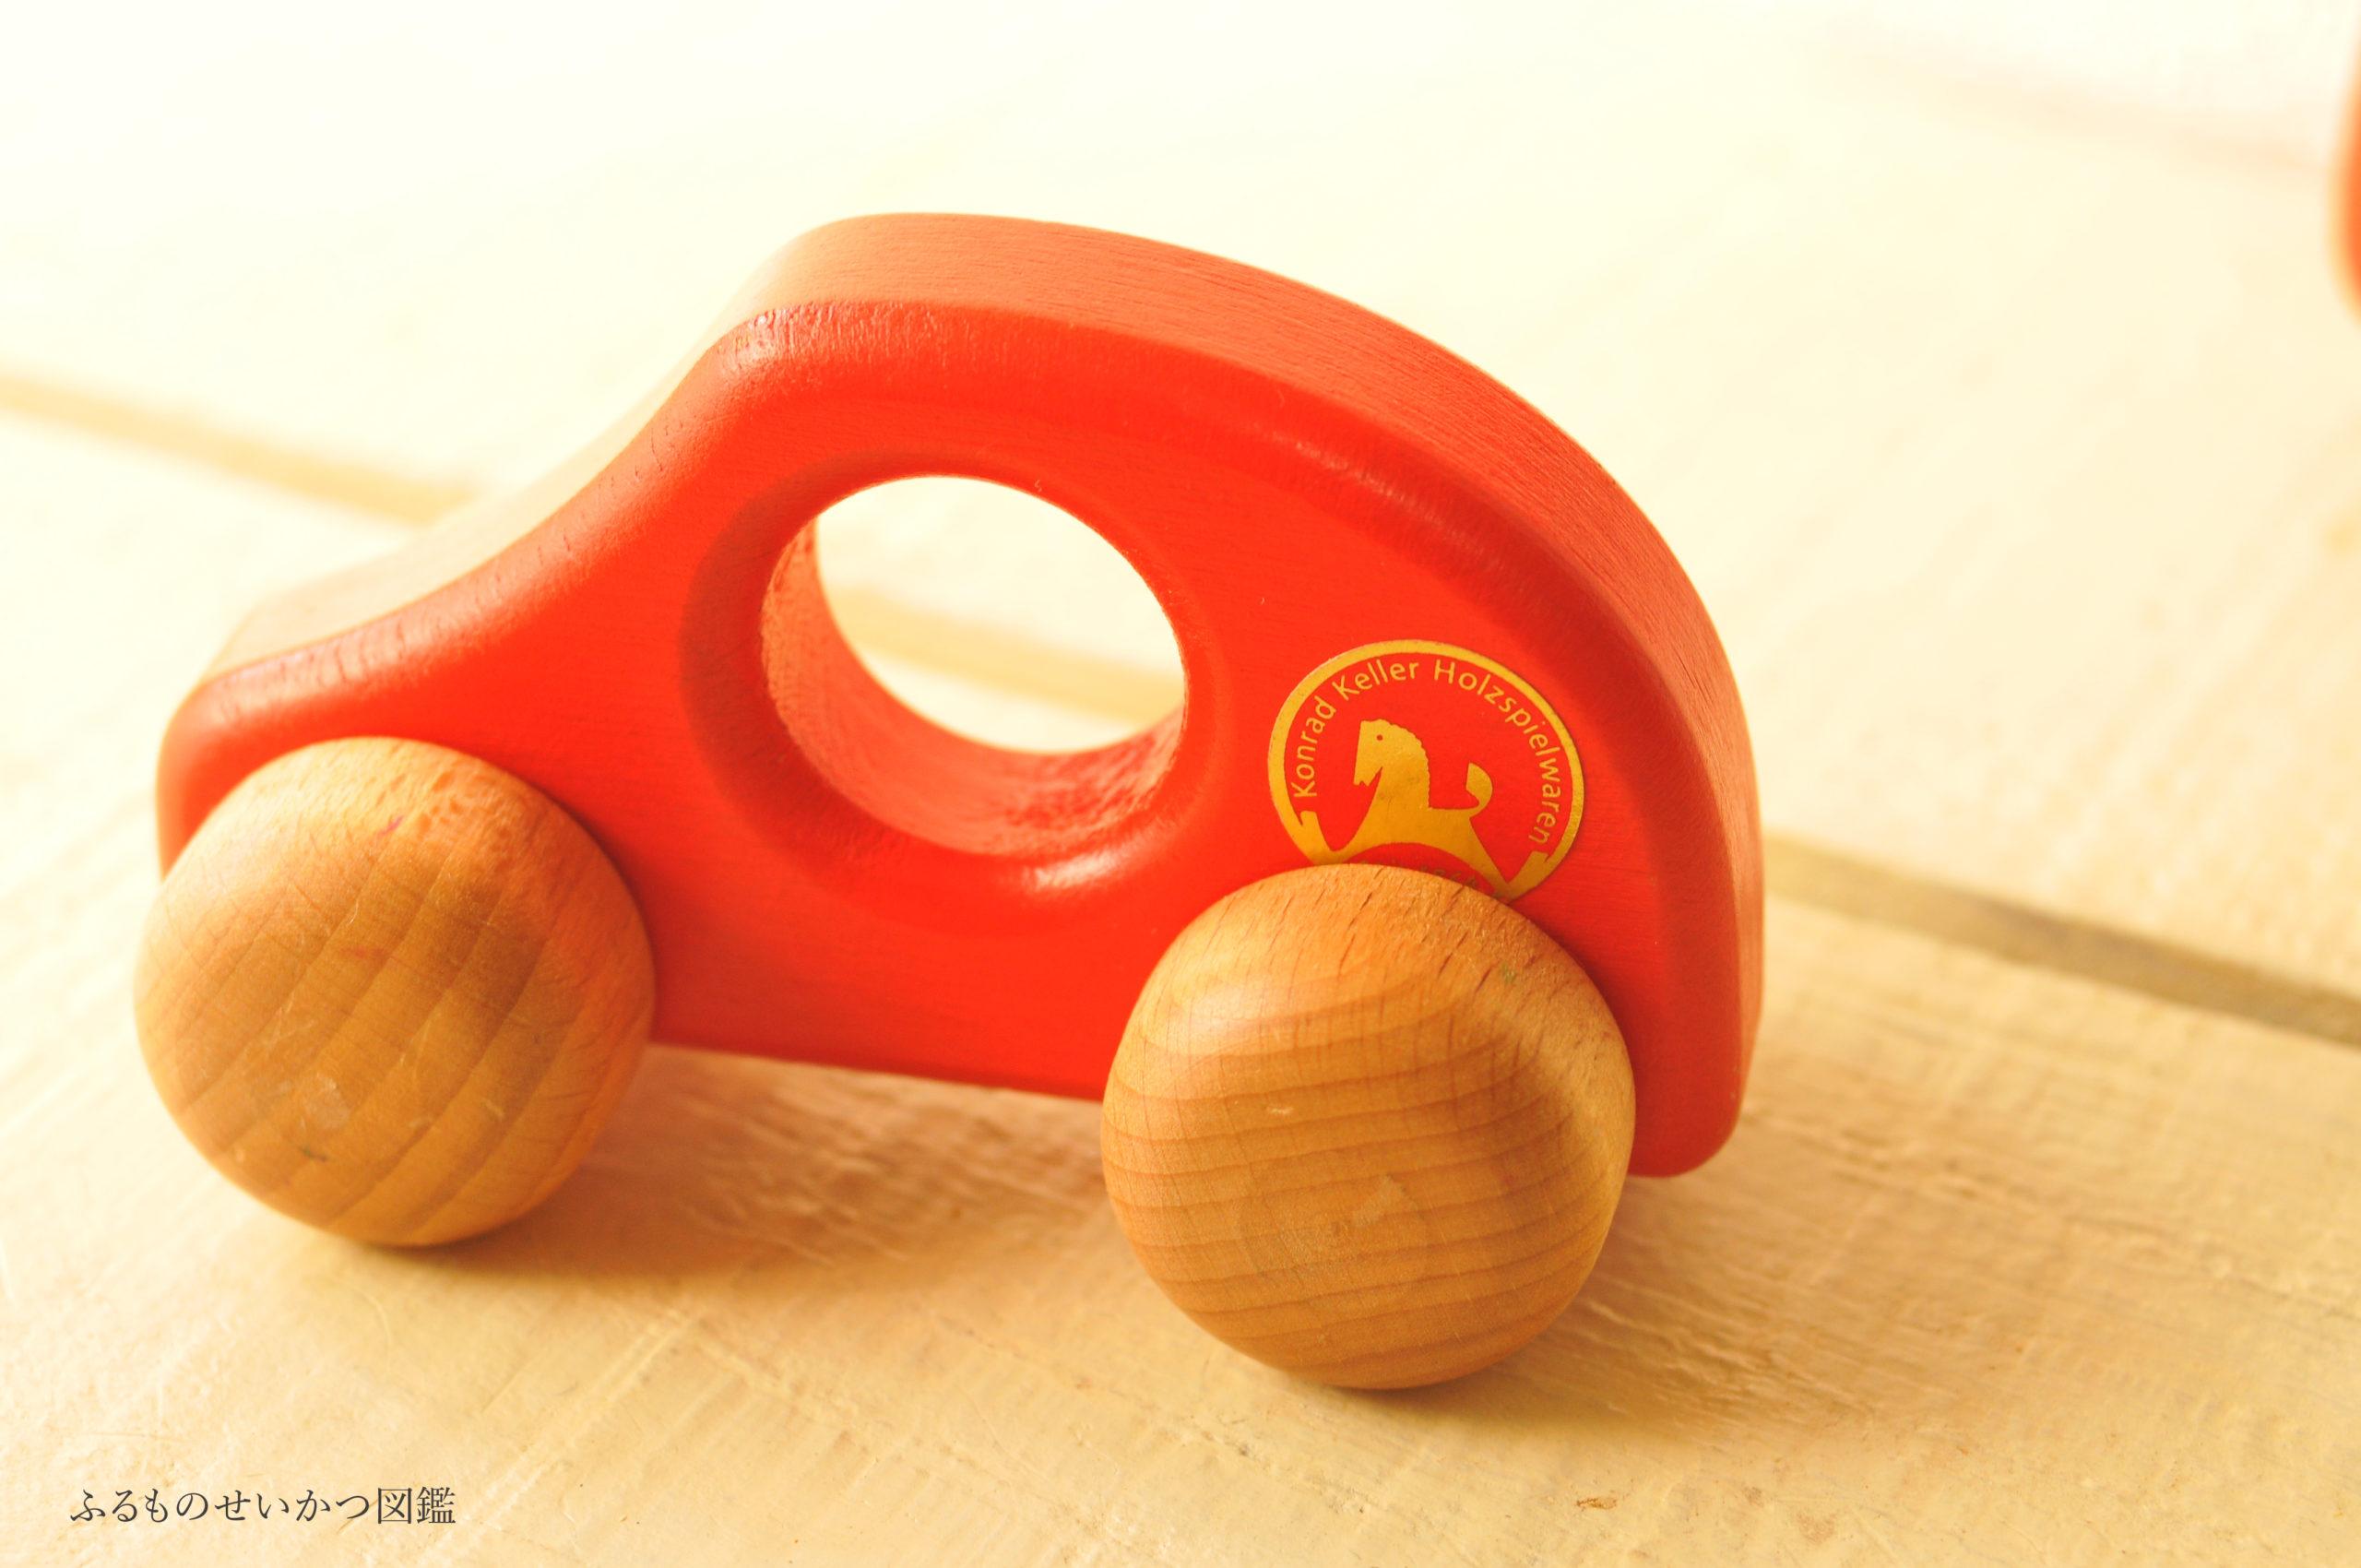 【100円】車の木製ベビーオモチャは赤色で可愛い